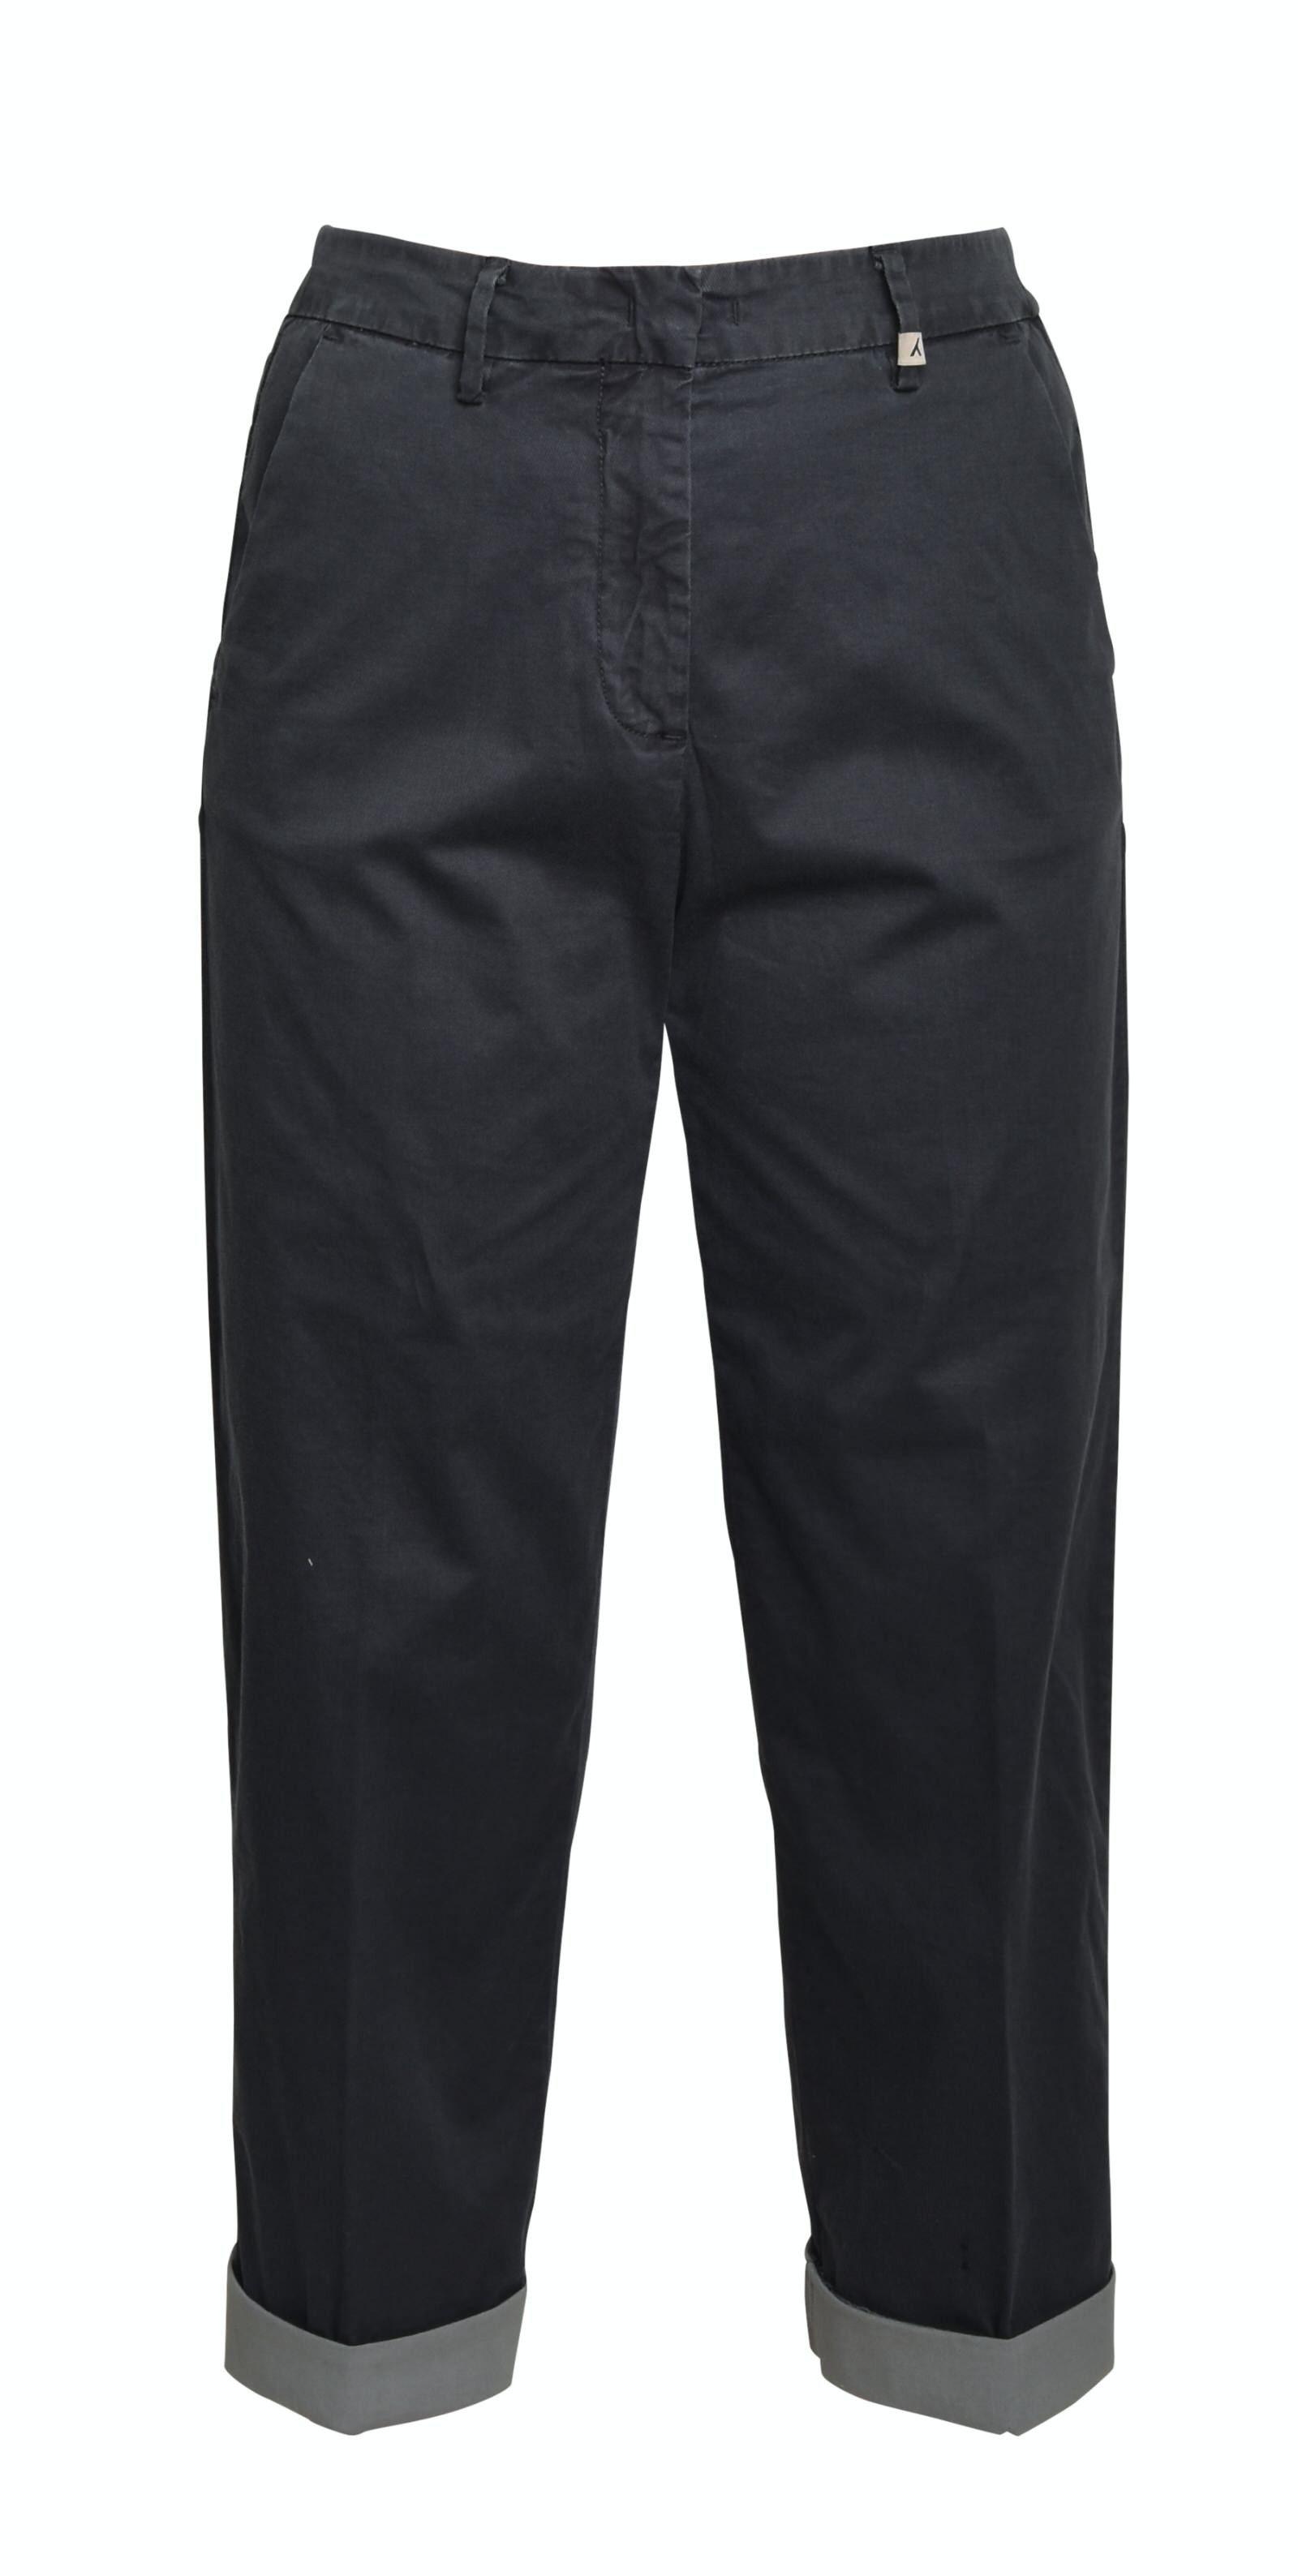 MYTHS - Damen Hose - Pantalone Lungo - Grigio